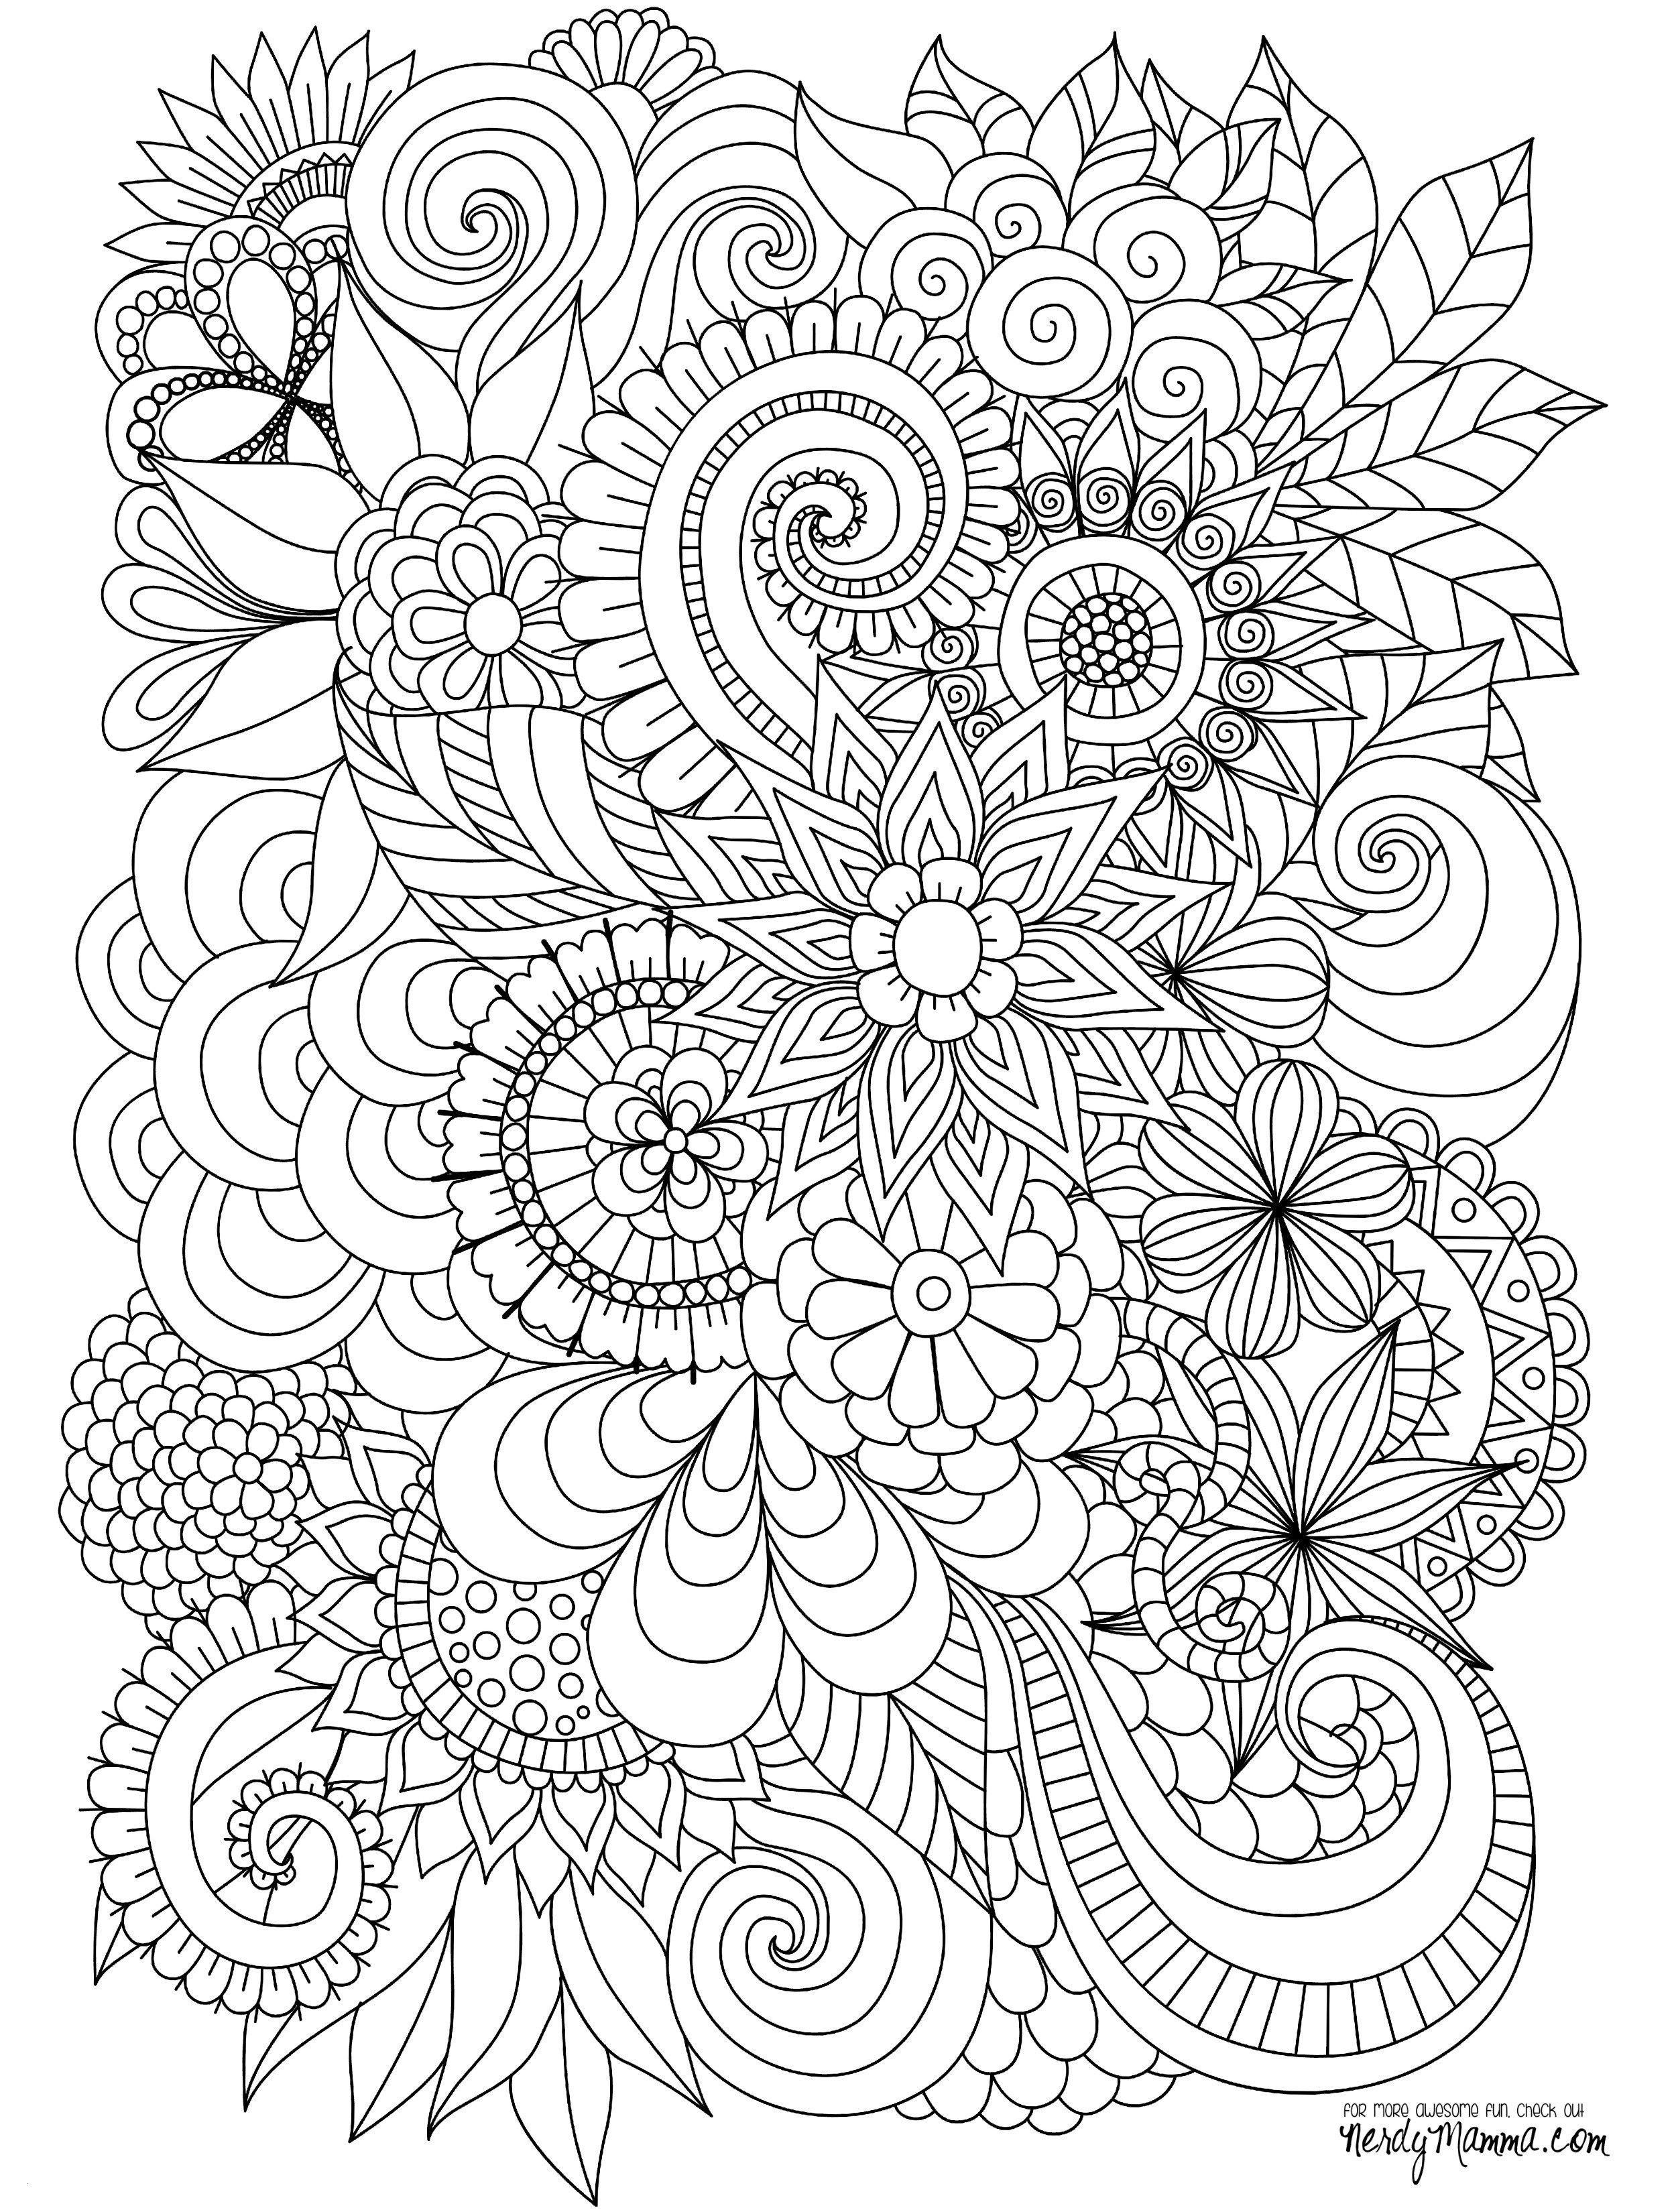 Herz Mandalas Zum Ausmalen Das Beste Von Holiday Coloring Extraordinary Digital Coloring Books Like 32 Das Bild